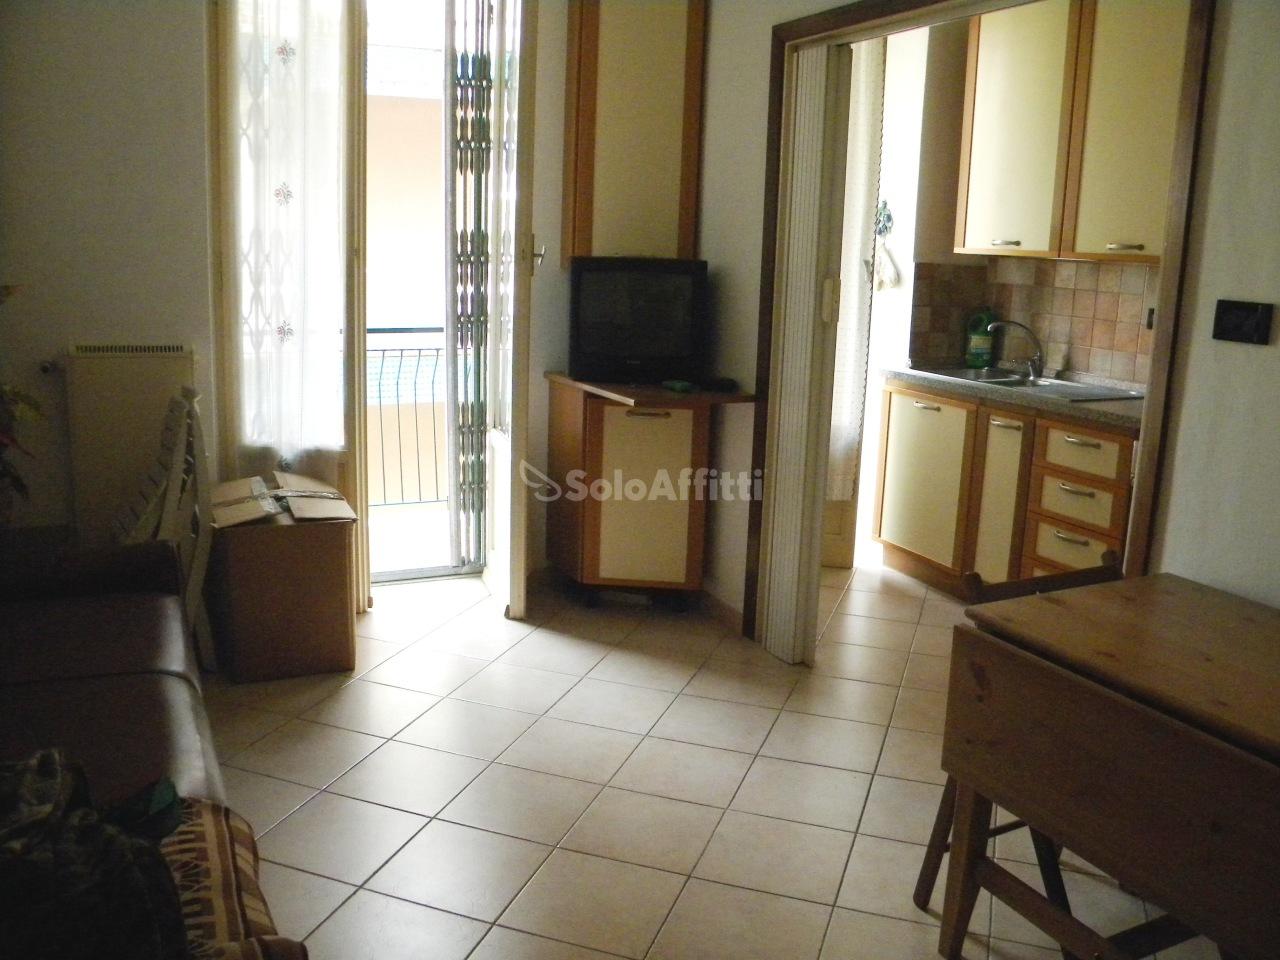 Appartamento in affitto a Rapallo, 2 locali, prezzo € 430 | PortaleAgenzieImmobiliari.it